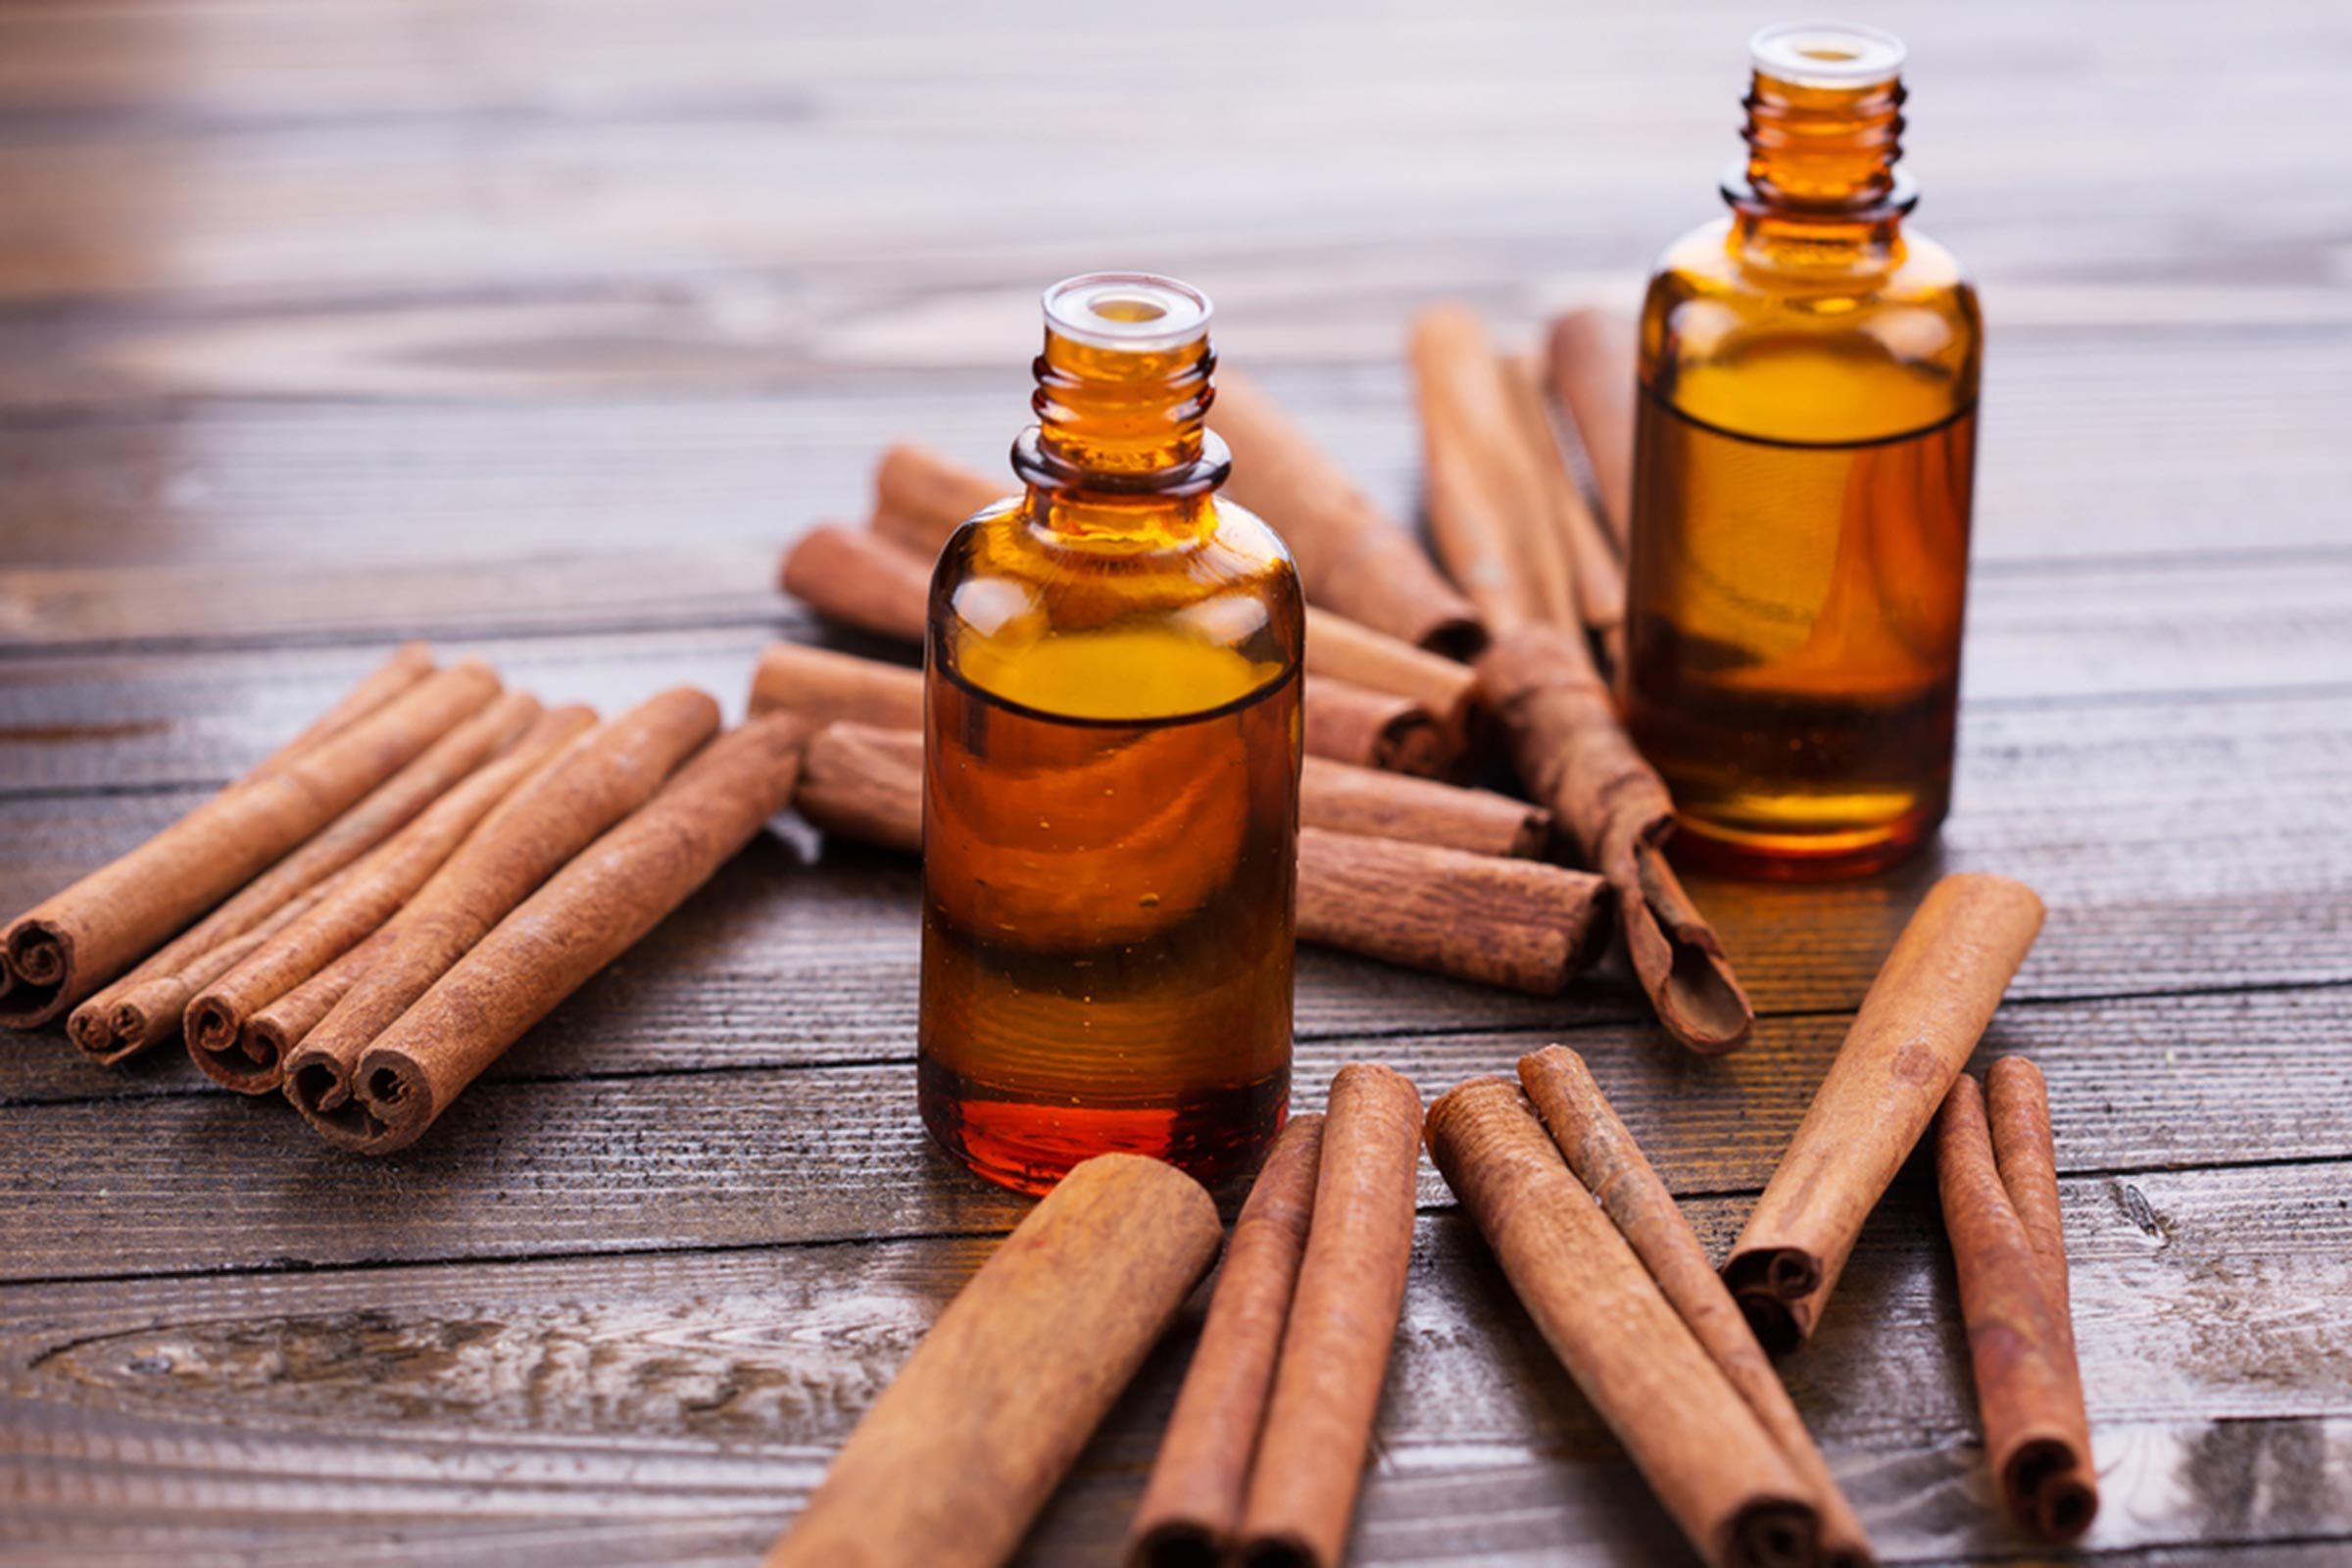 Huiles essentielles pour soulager les crampes : L'huile de cannelle